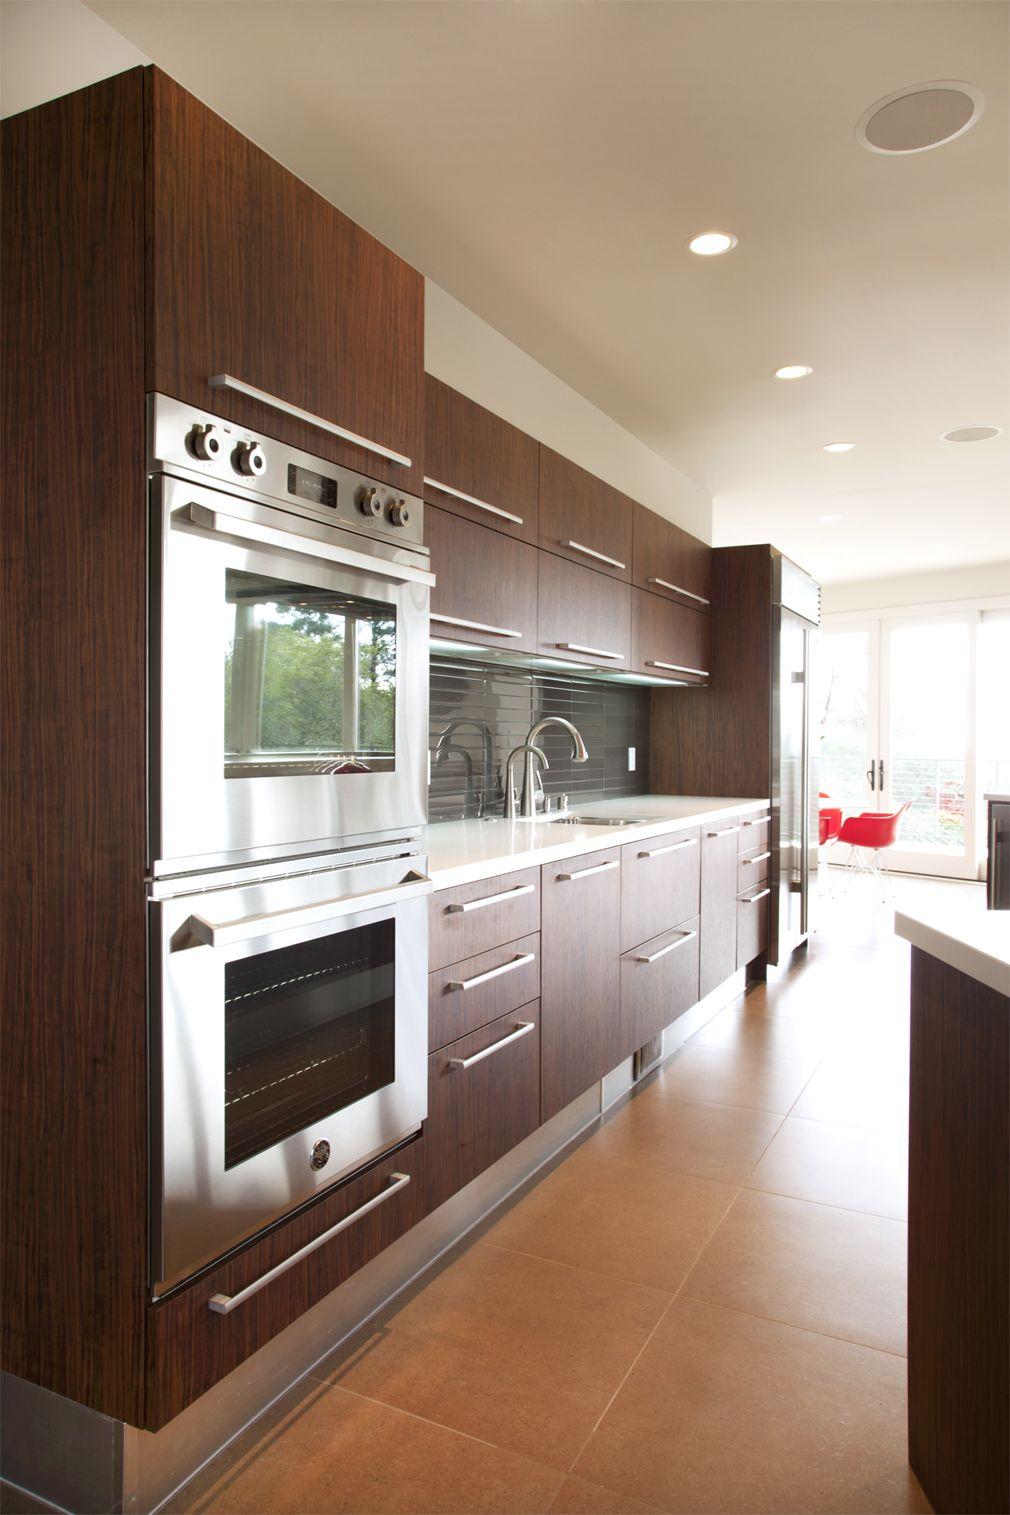 tinsley hutson wiley interior design mill valley modern www thwinteriordesign com modern on kitchen interior top view id=99197